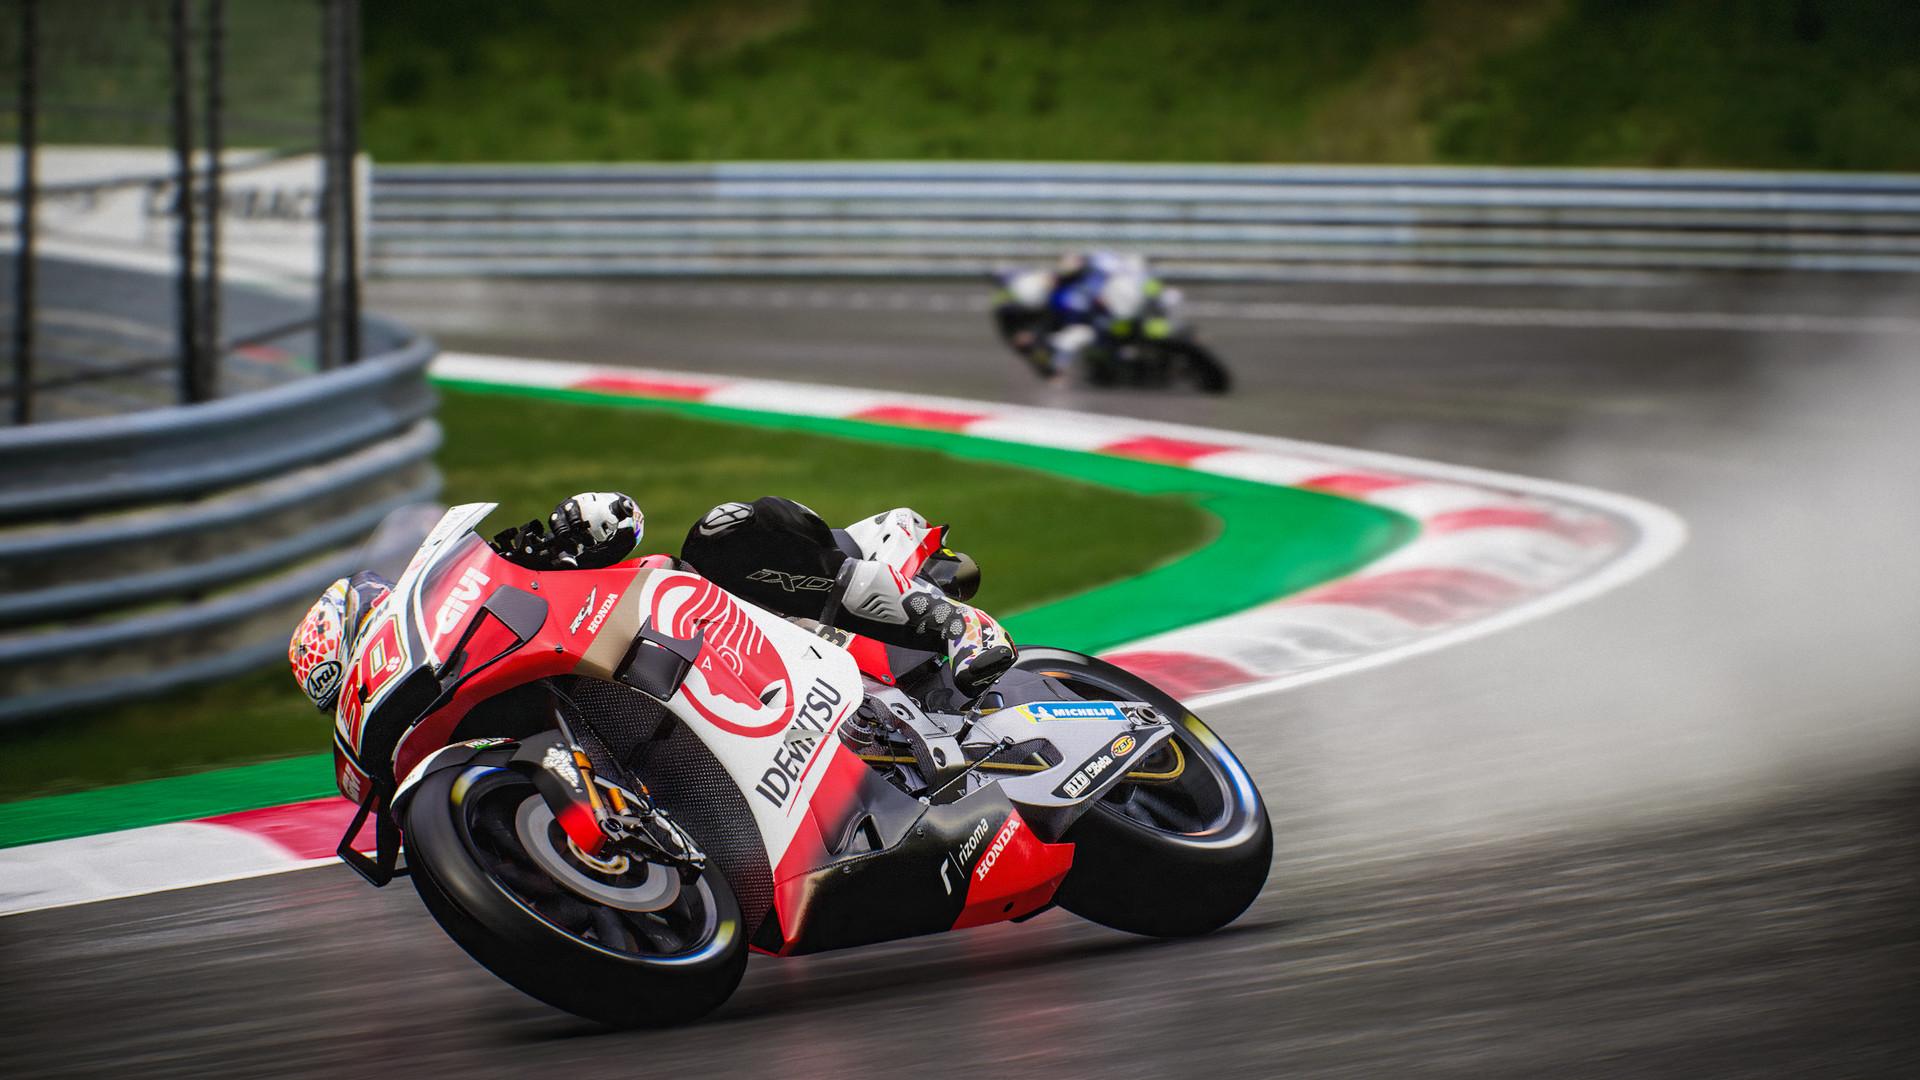 游戏名称:世界摩托大奖赛21 英文名称:MotoGP21 游戏类型:赛车竞速RAC 游戏制作:Milestone S.r.l. 游戏发行:Milestone S.r.l. 游戏平台:PC 游戏语言:中文,英文,日文 发售日期:2021-04-22  【游戏介绍】  带来包含MotoGP、Moto2和Moto3级别赛事的完整2021赛季。游戏收录了超过120位官方车手和20条赛道,加入多项改良和全新功能,并首次引入长圈惩罚,带来无比真实且原汁原味的二轮竞速体验。 更有40多位赫赫有名的历史车手与他们标志性的赛车带你重历MotoGP历史。  【游戏截图】